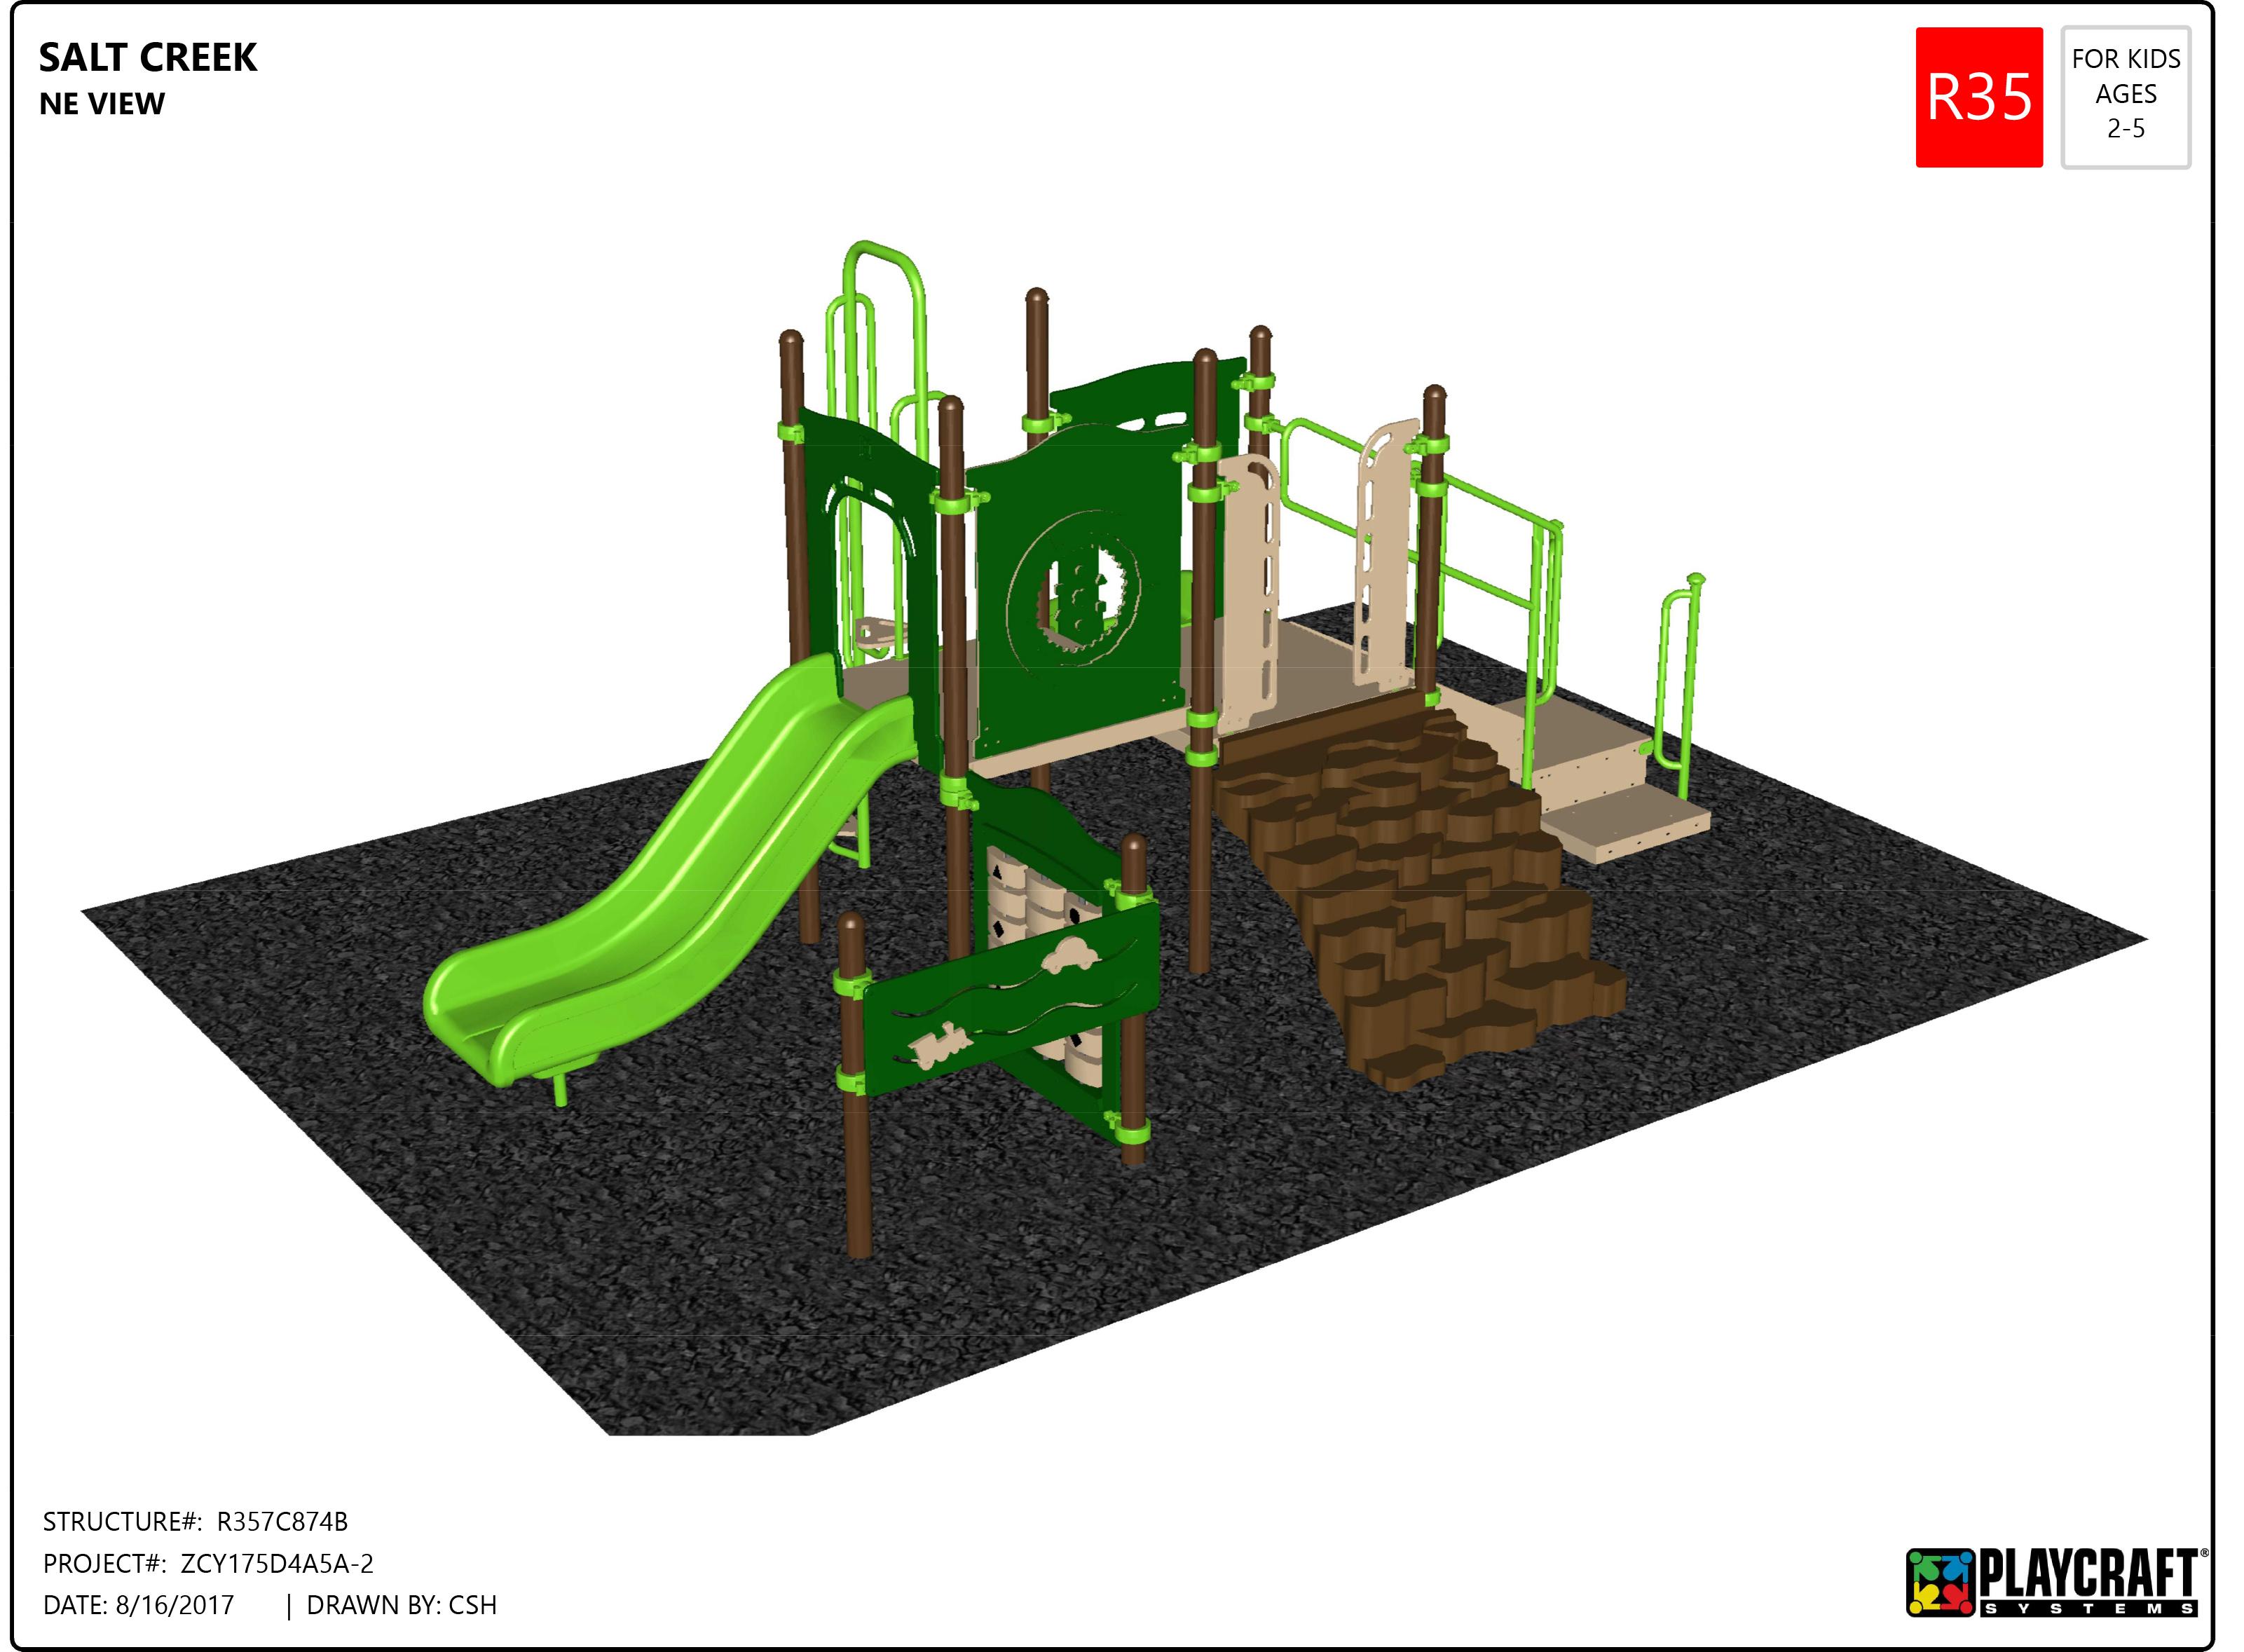 Playground View 1